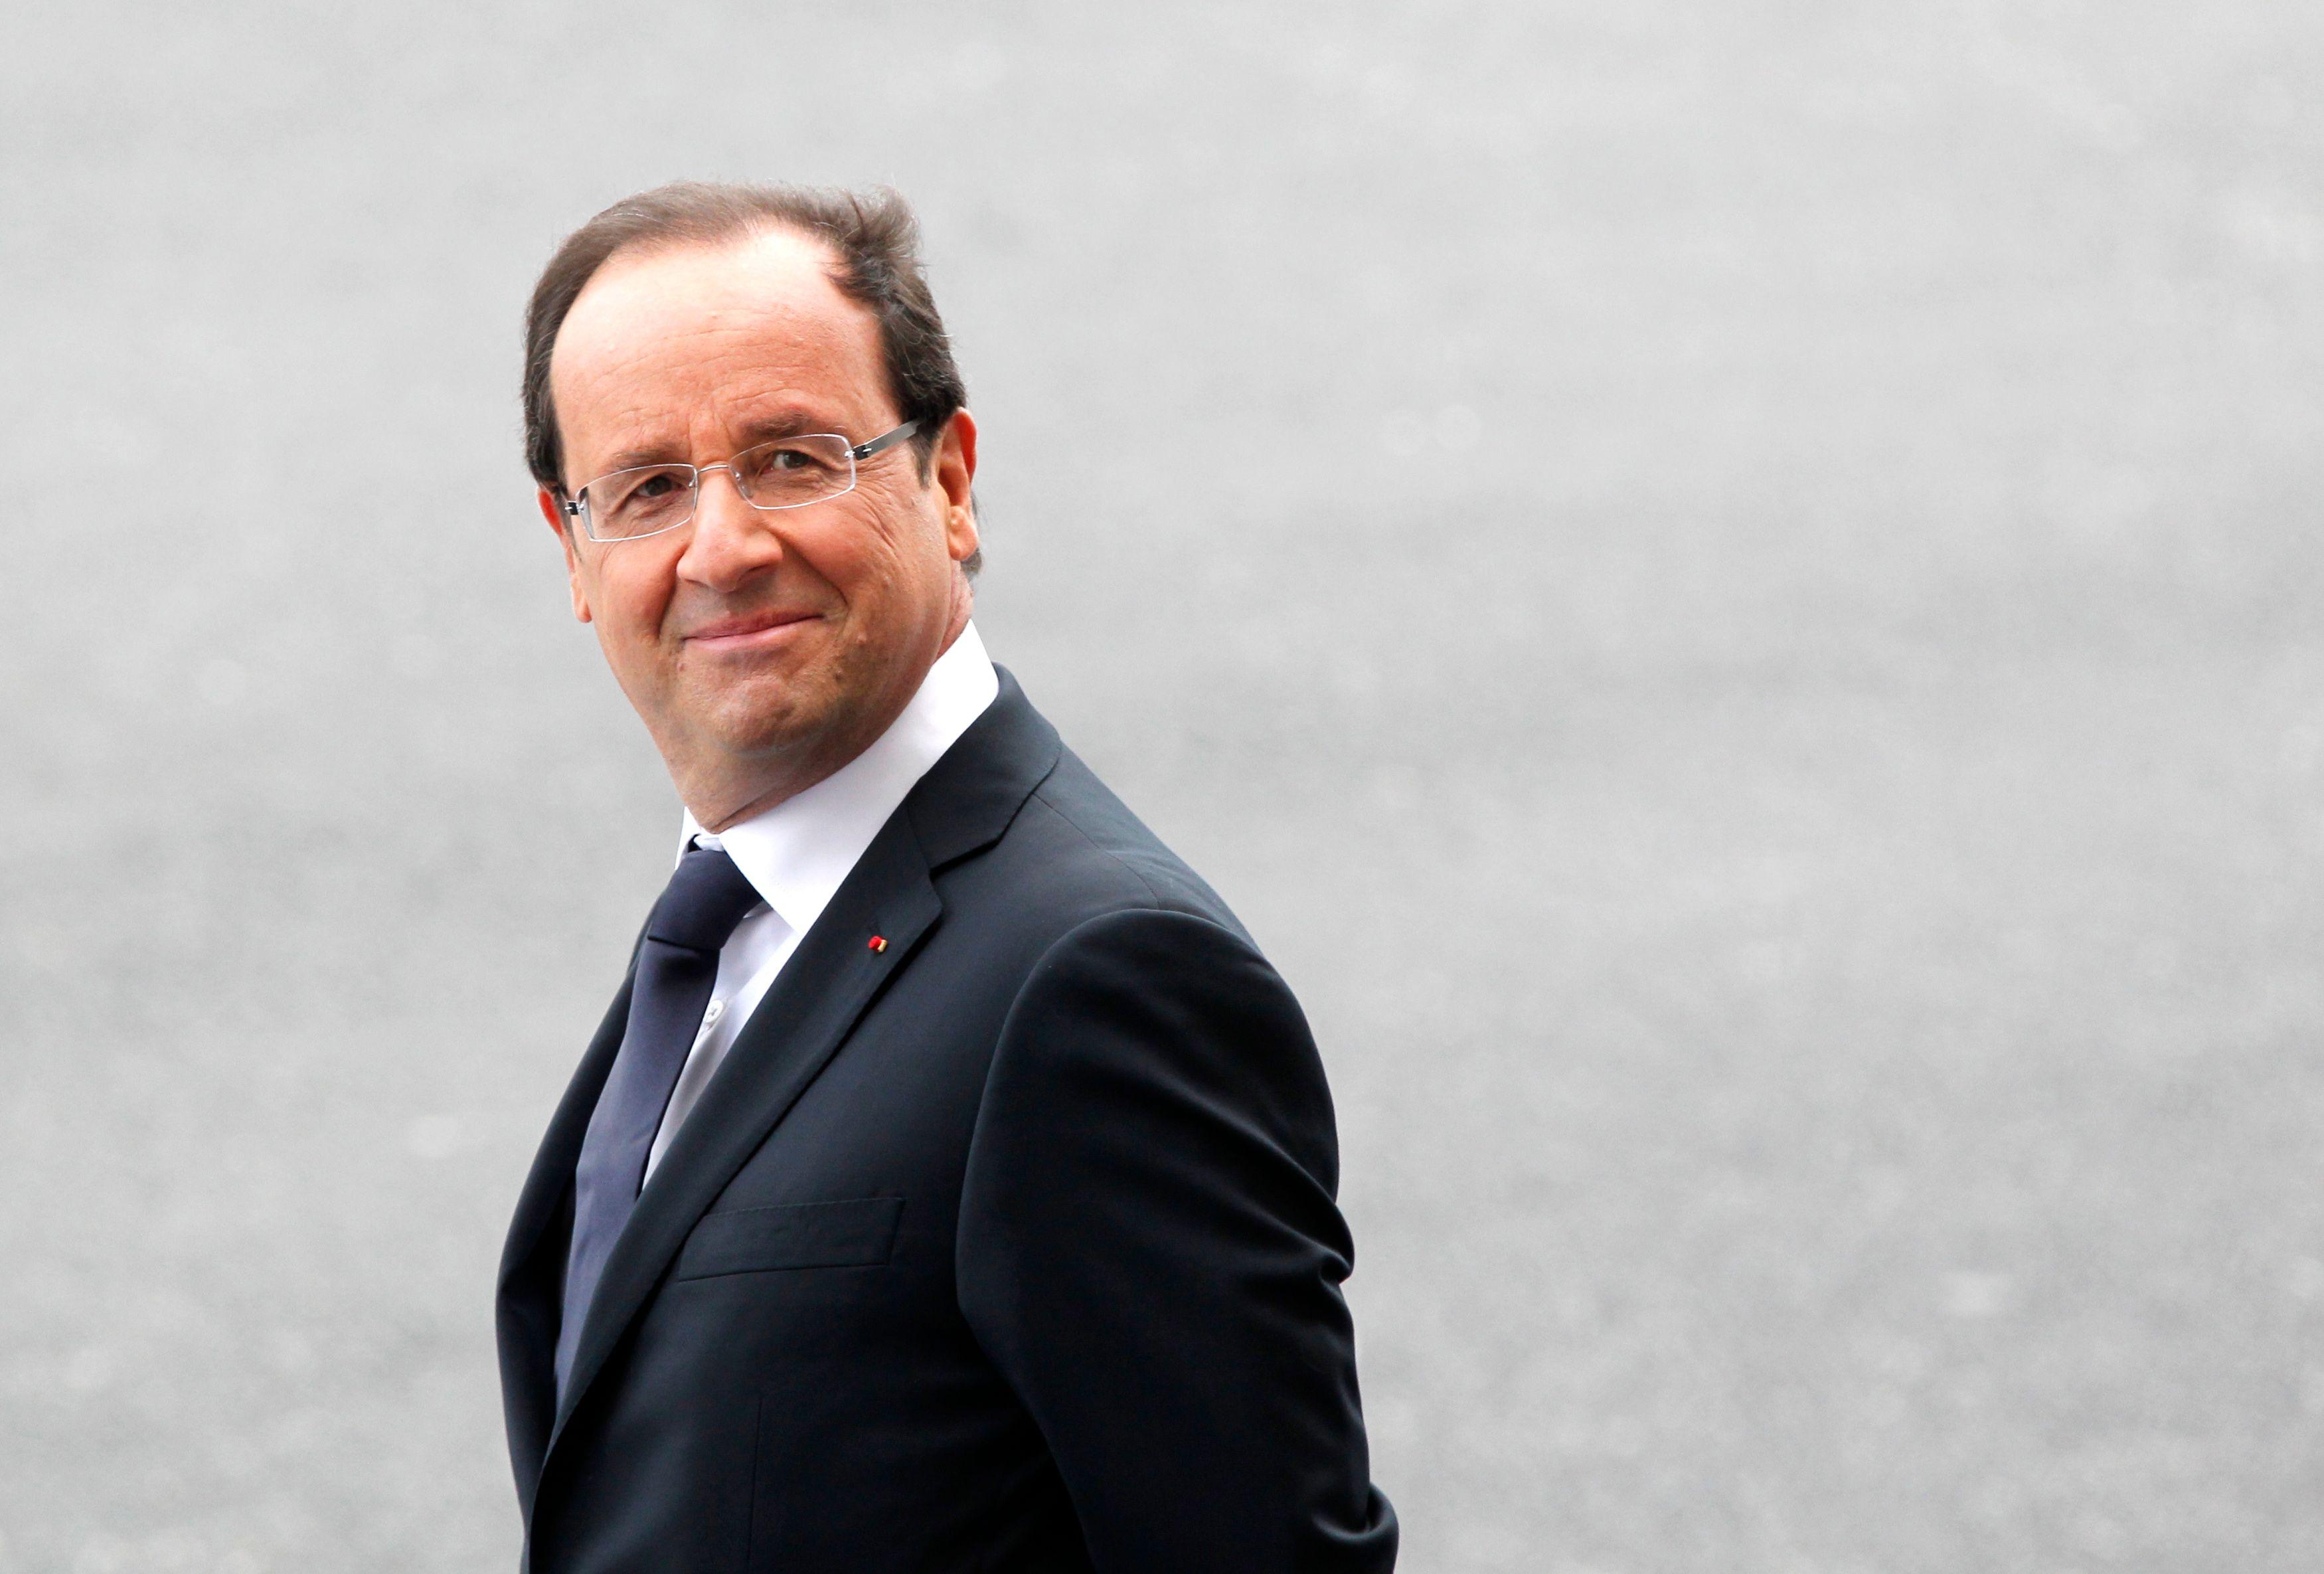 La cote de popularité de François Hollande reste stable